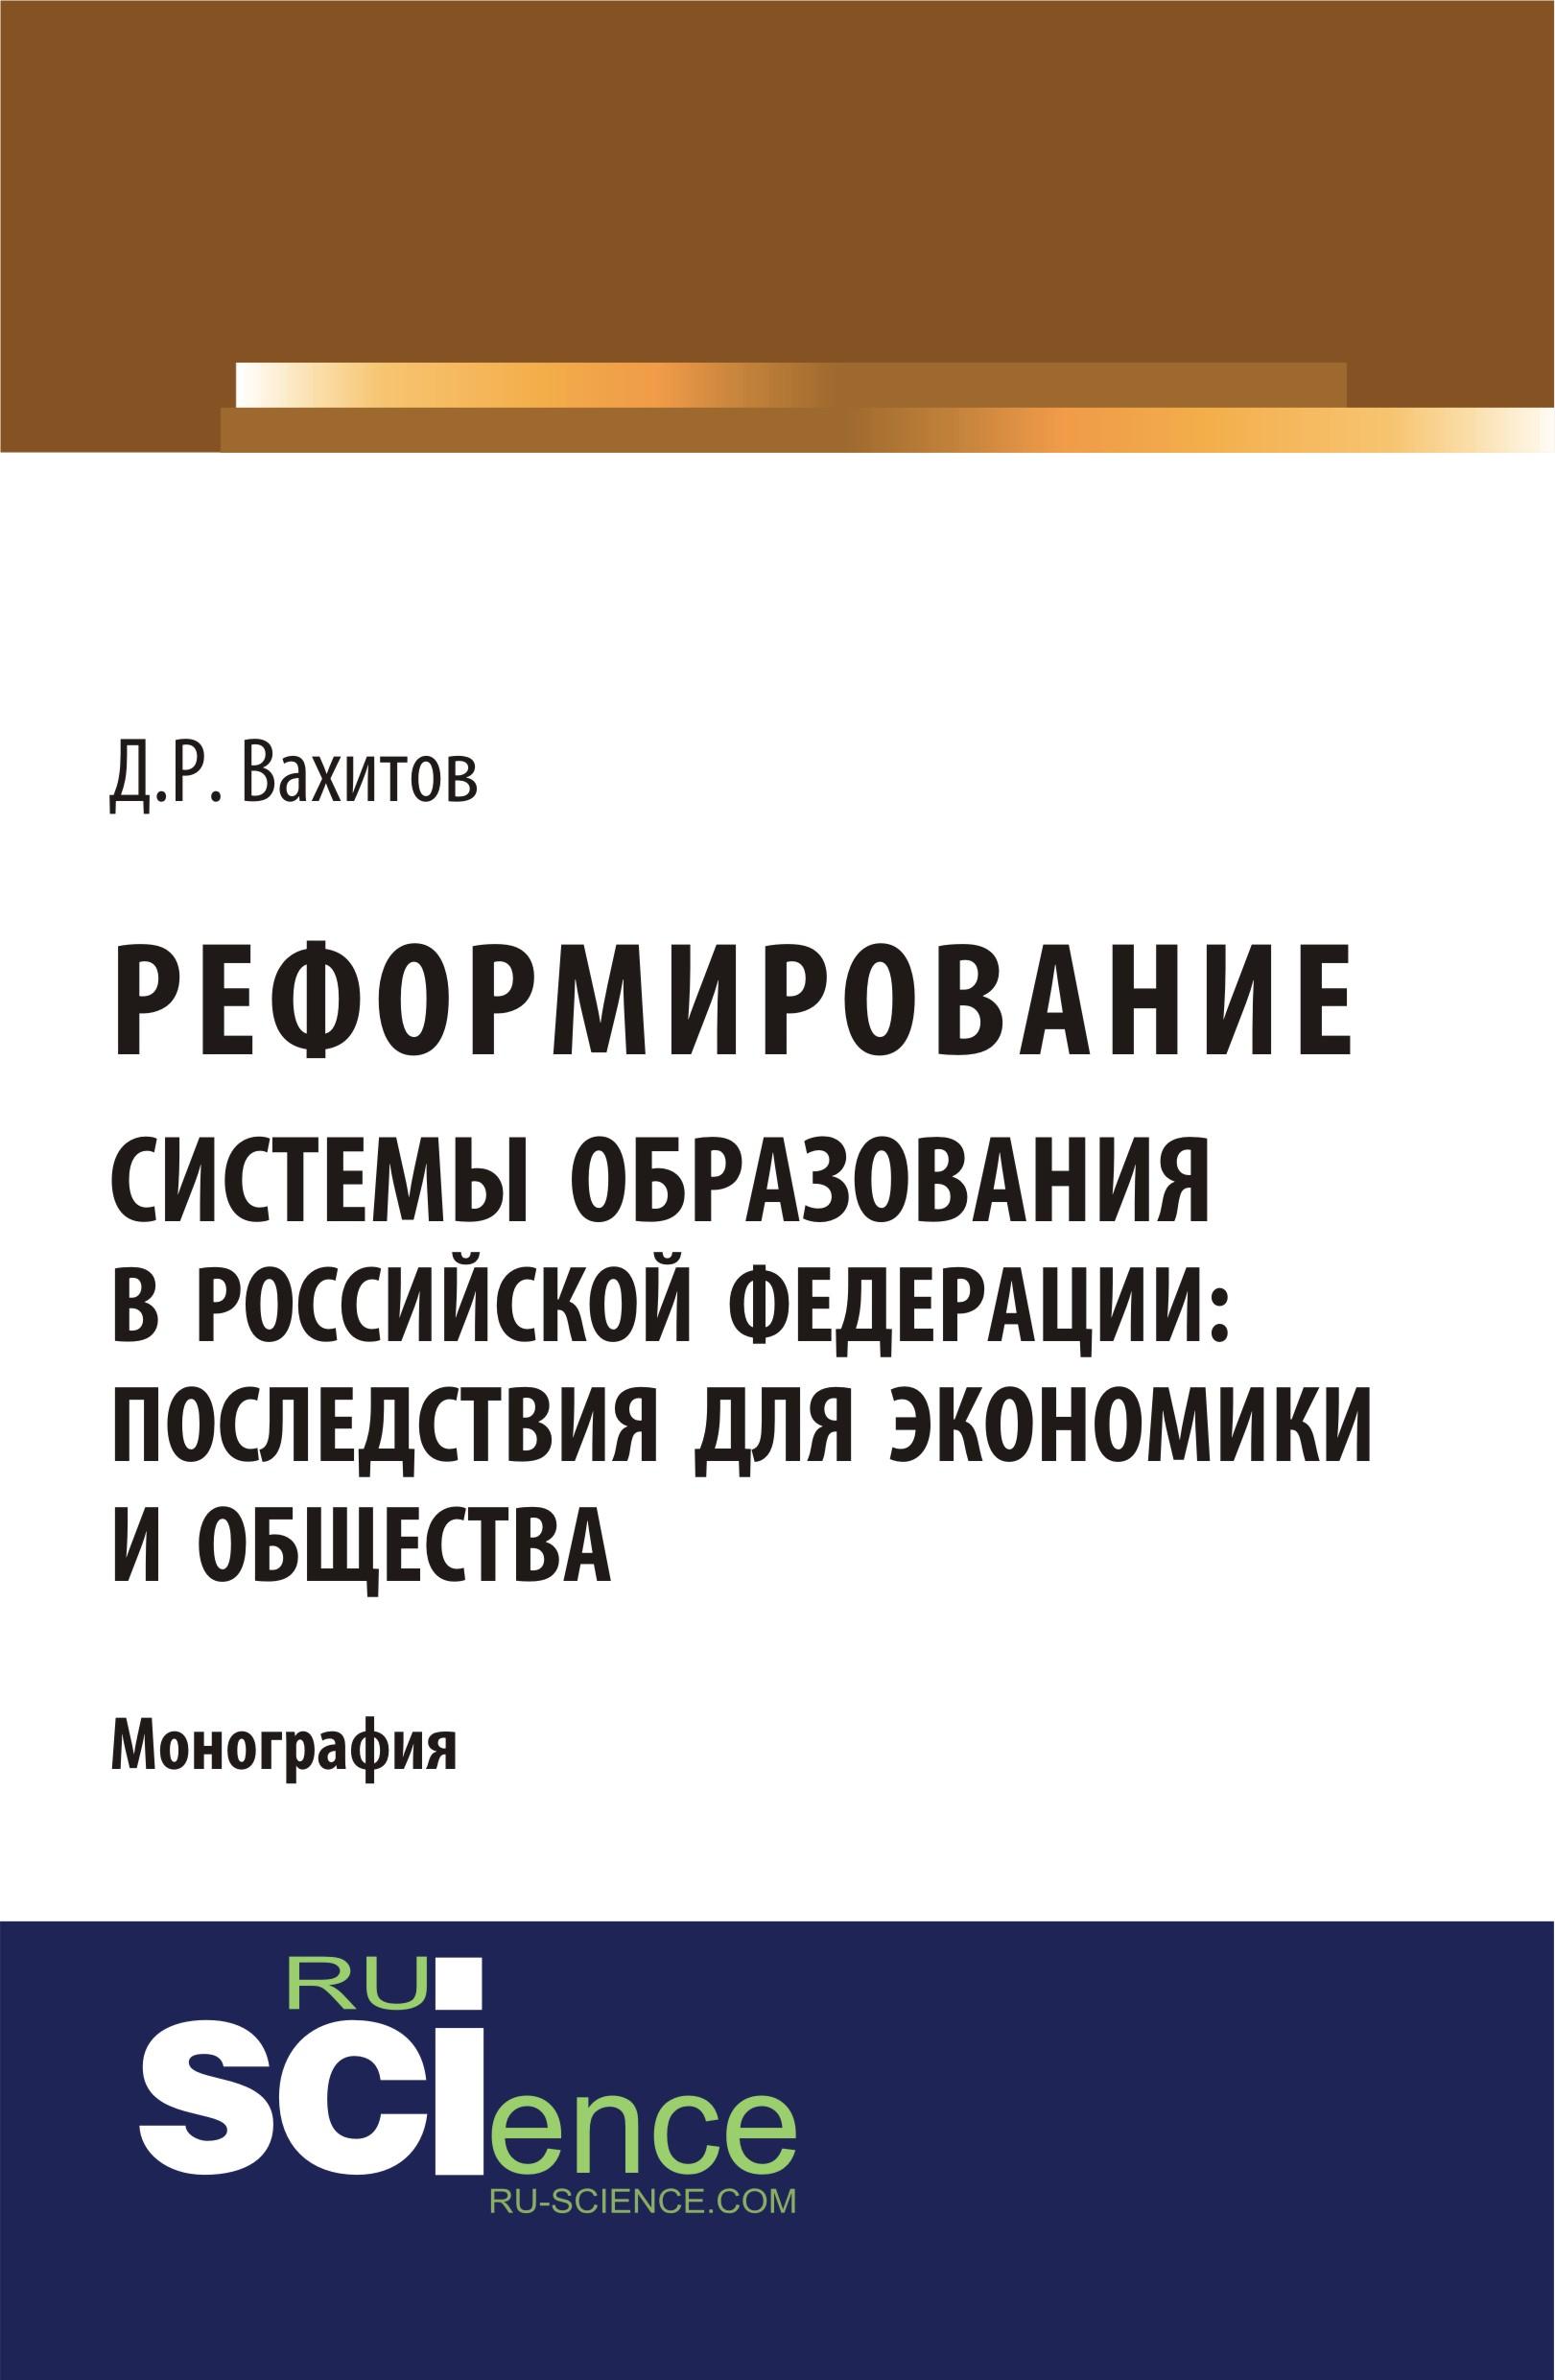 Реформирование системы образования в российской федерации: последствия для экономики и общества